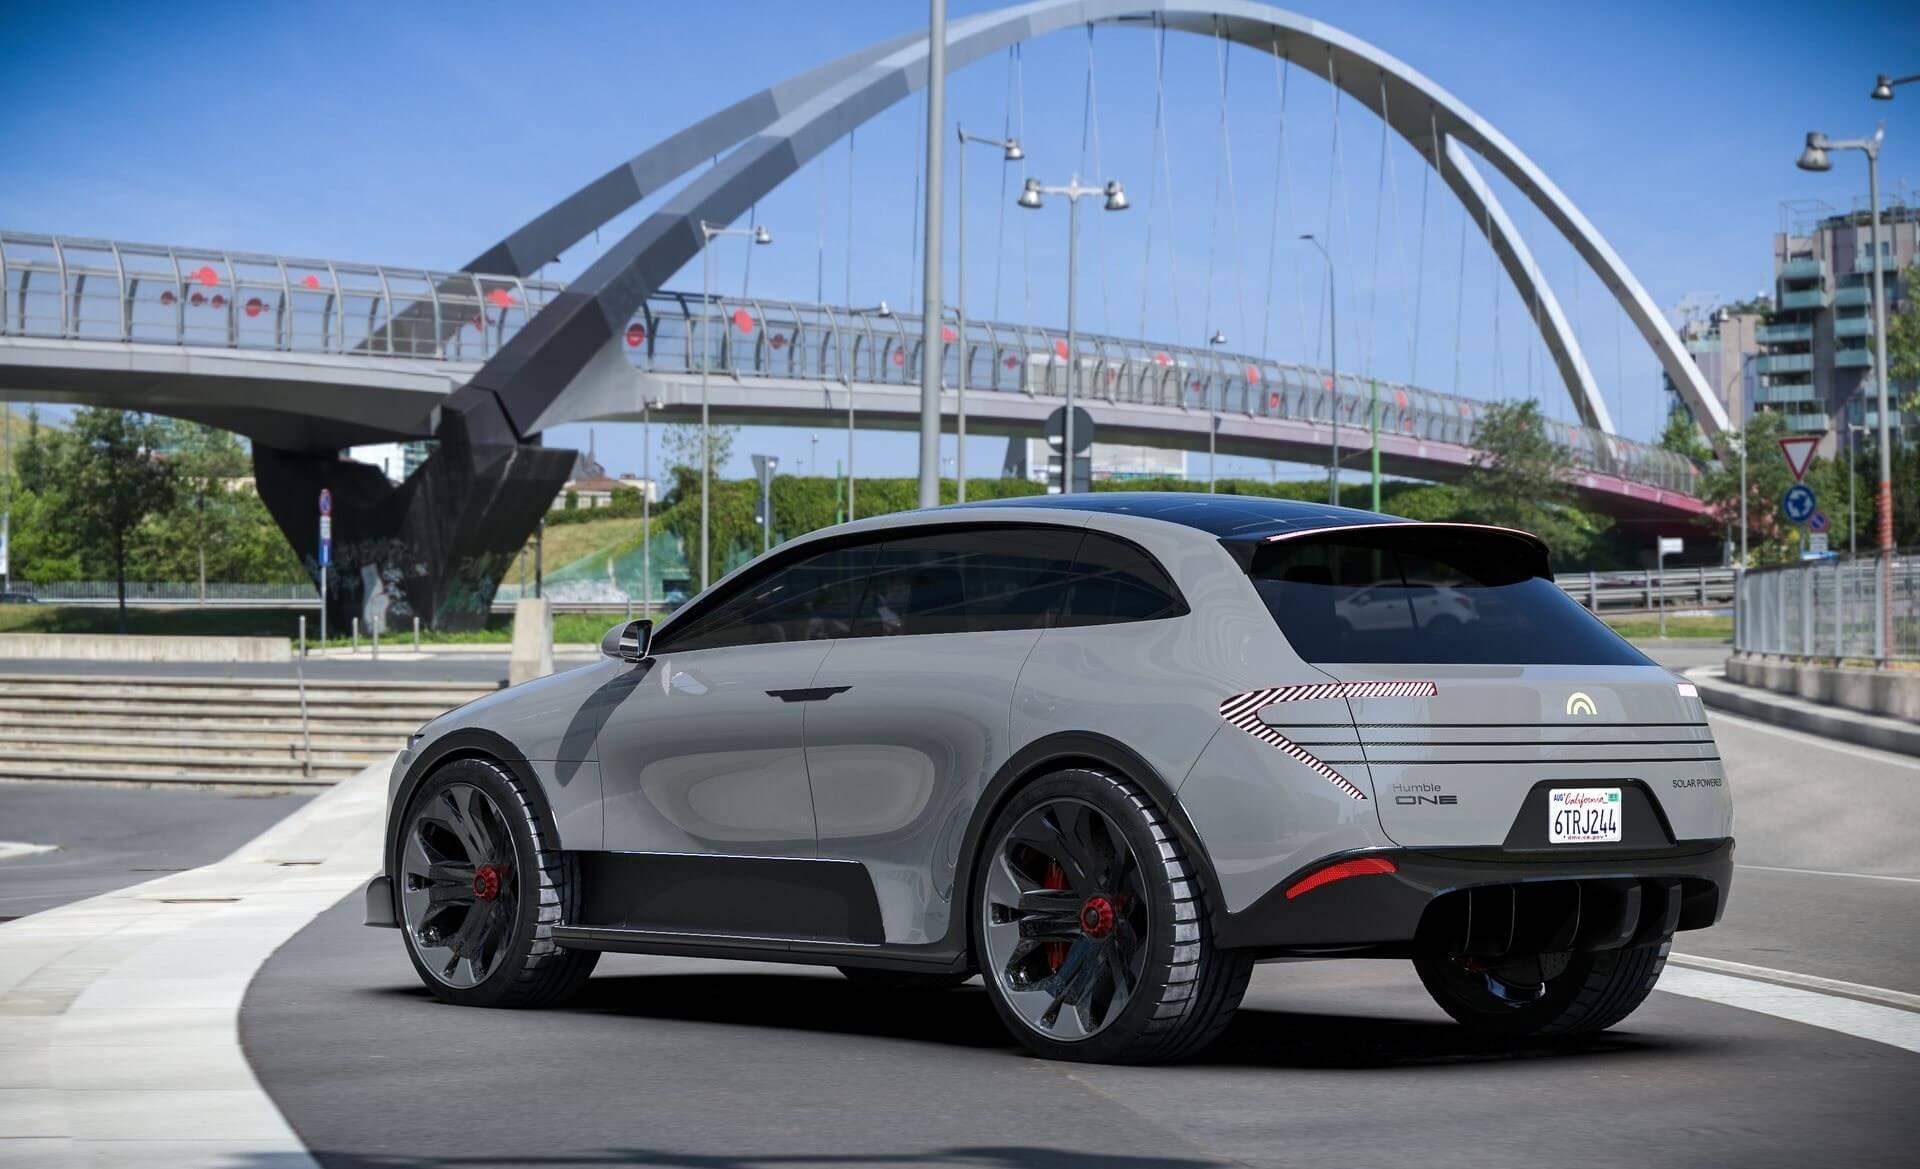 Humble Motors представила концепт электрического SUV с солнечной крышей